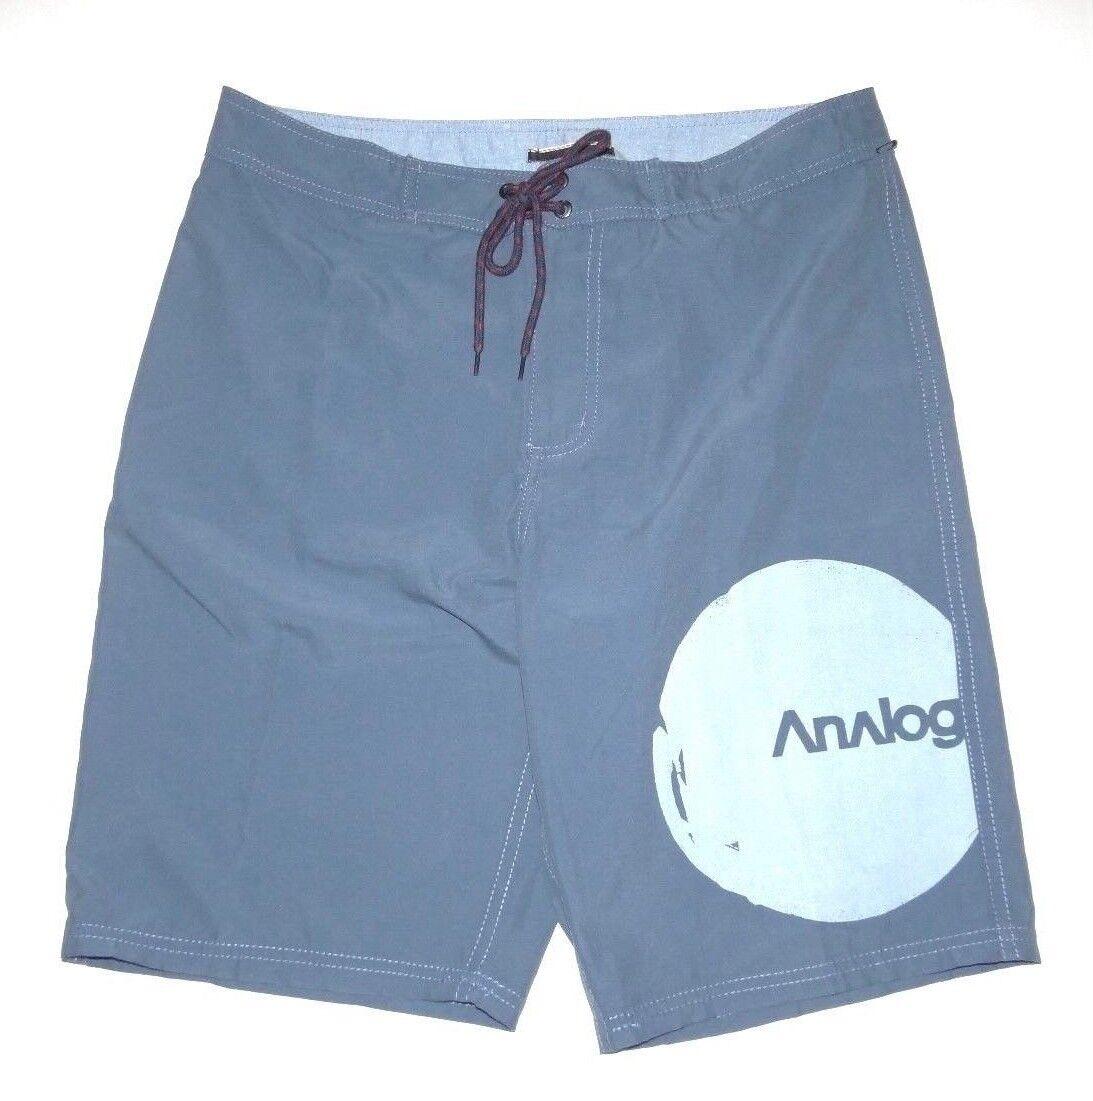 New Analog Mens Marker 21